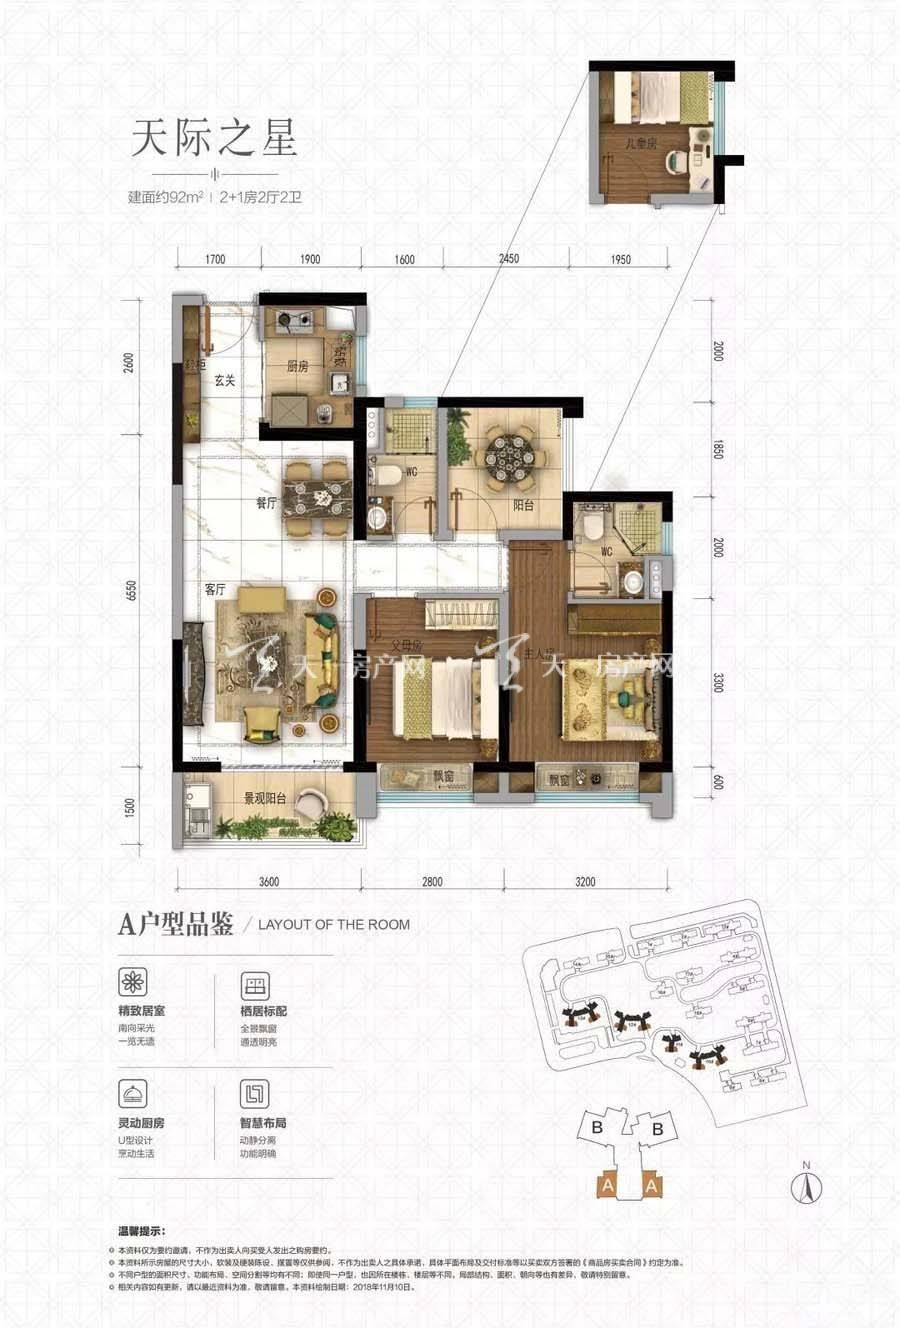 碧桂园华发滨海天际B-02户型/3室2厅2卫/建筑面积:约103㎡